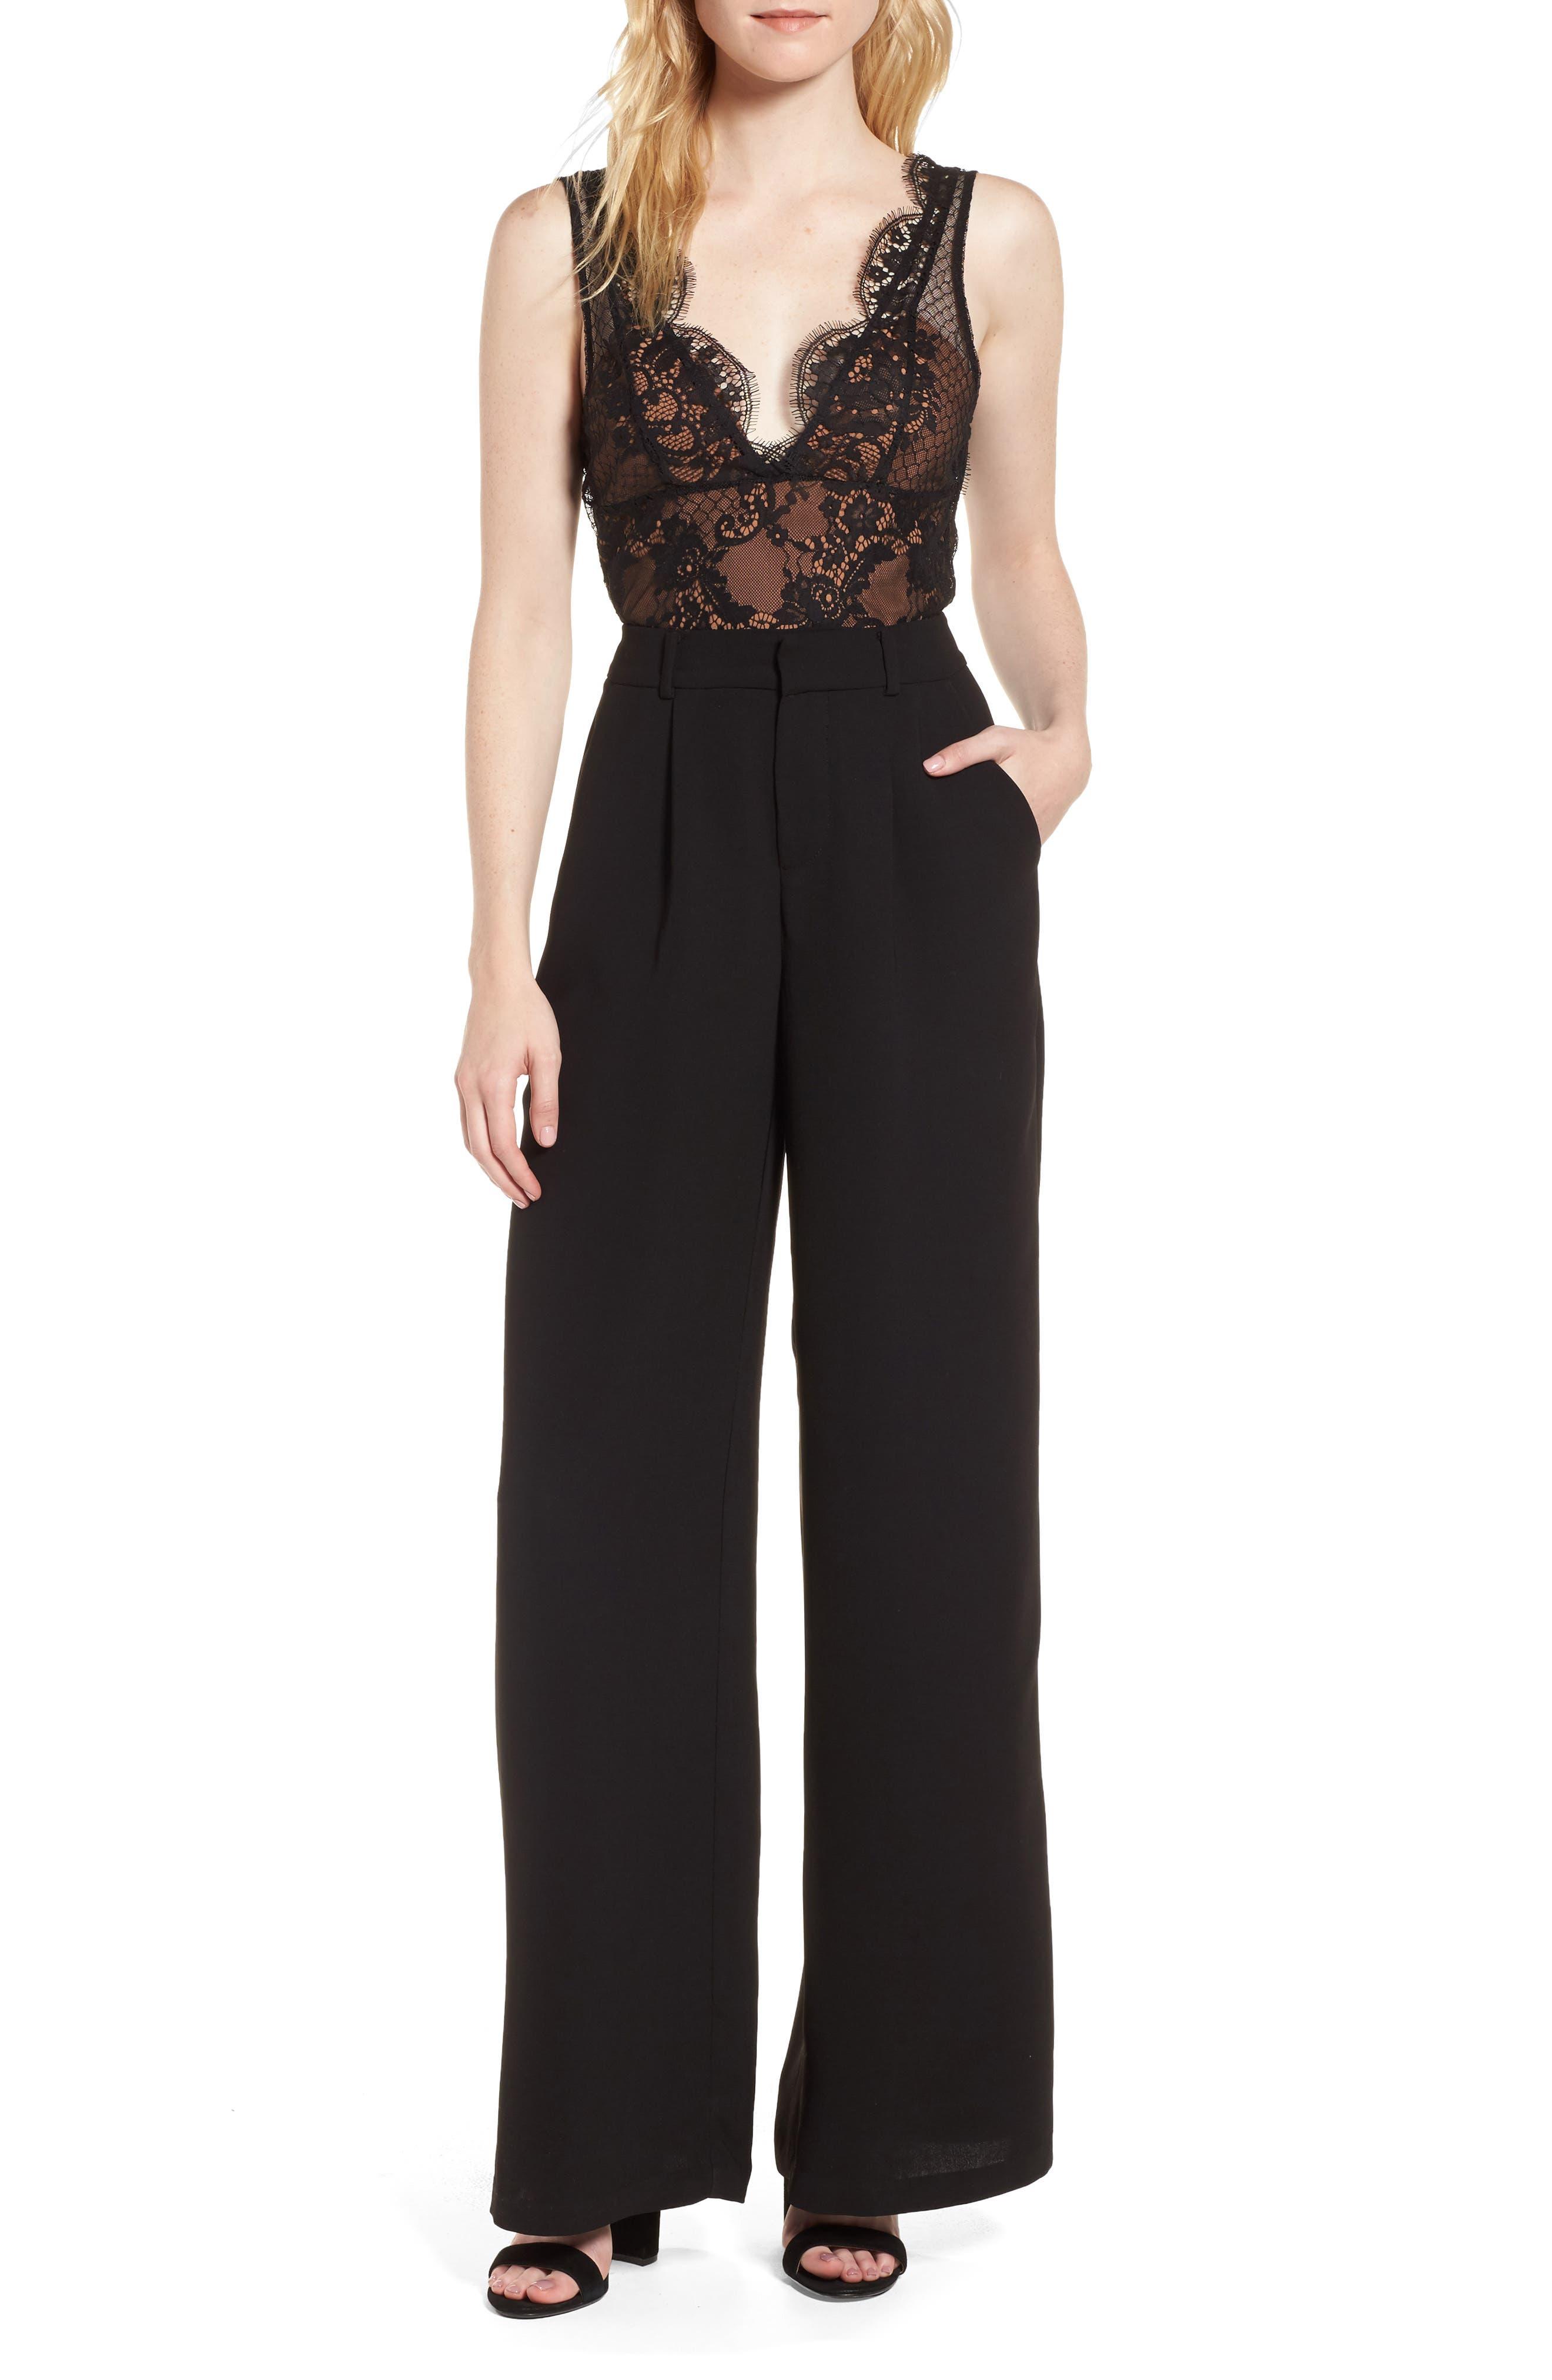 Lace Bodice Jumpsuit,                             Main thumbnail 1, color,                             Black/ Mocha